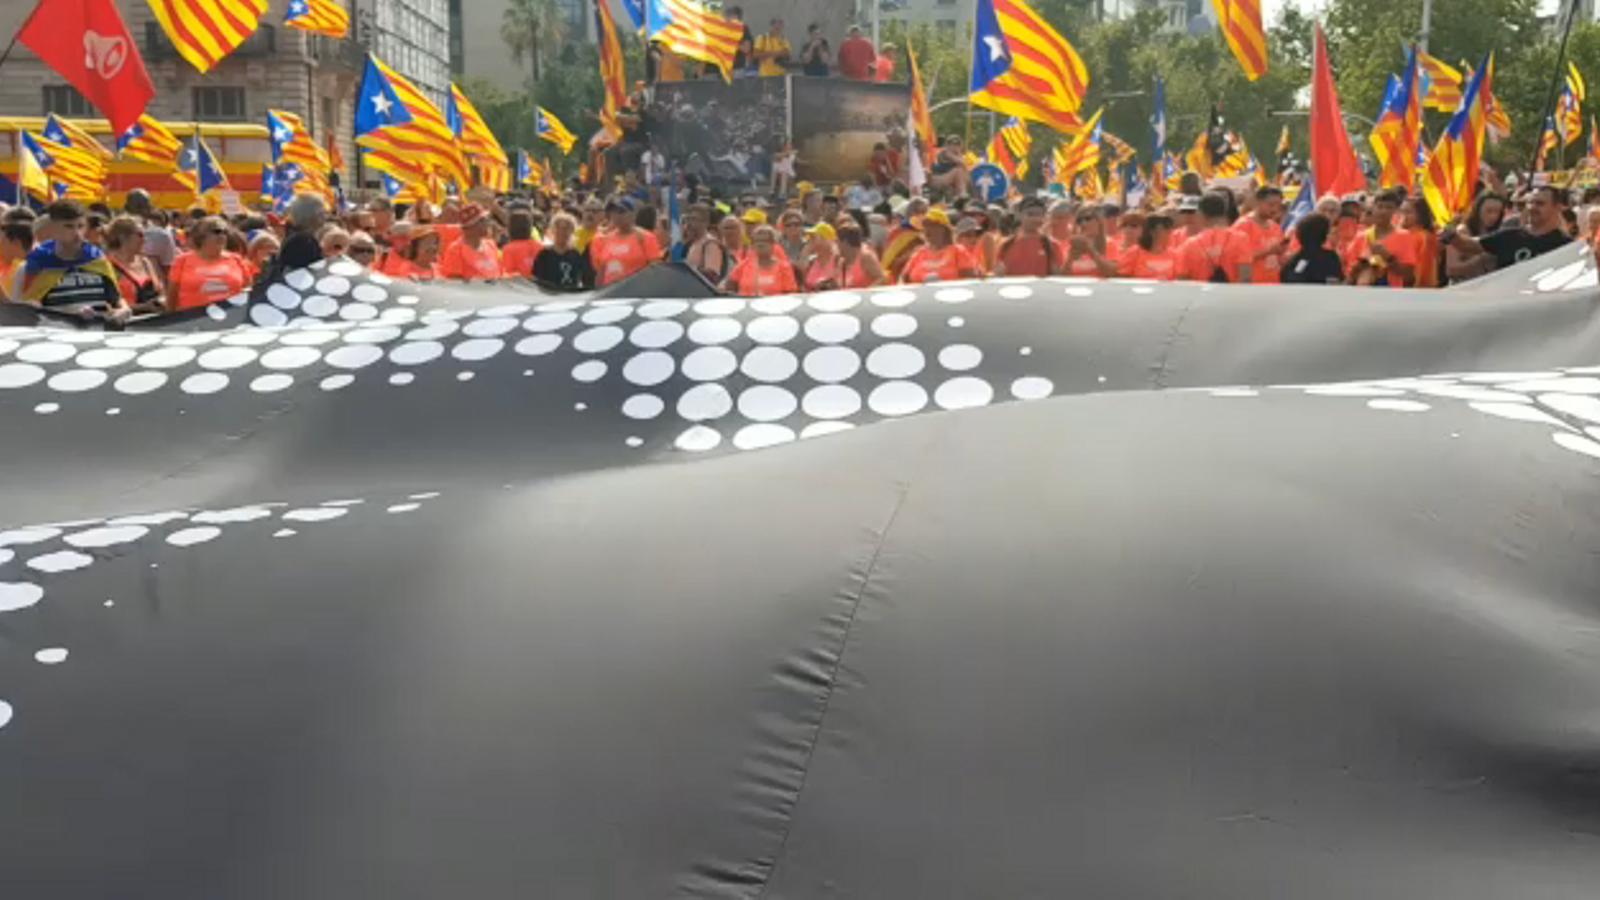 L'Associació Els Revoltats d'Igualada onegen una rèplica de l'última bandera que va quedar a Barcelona durant el setge de 1714